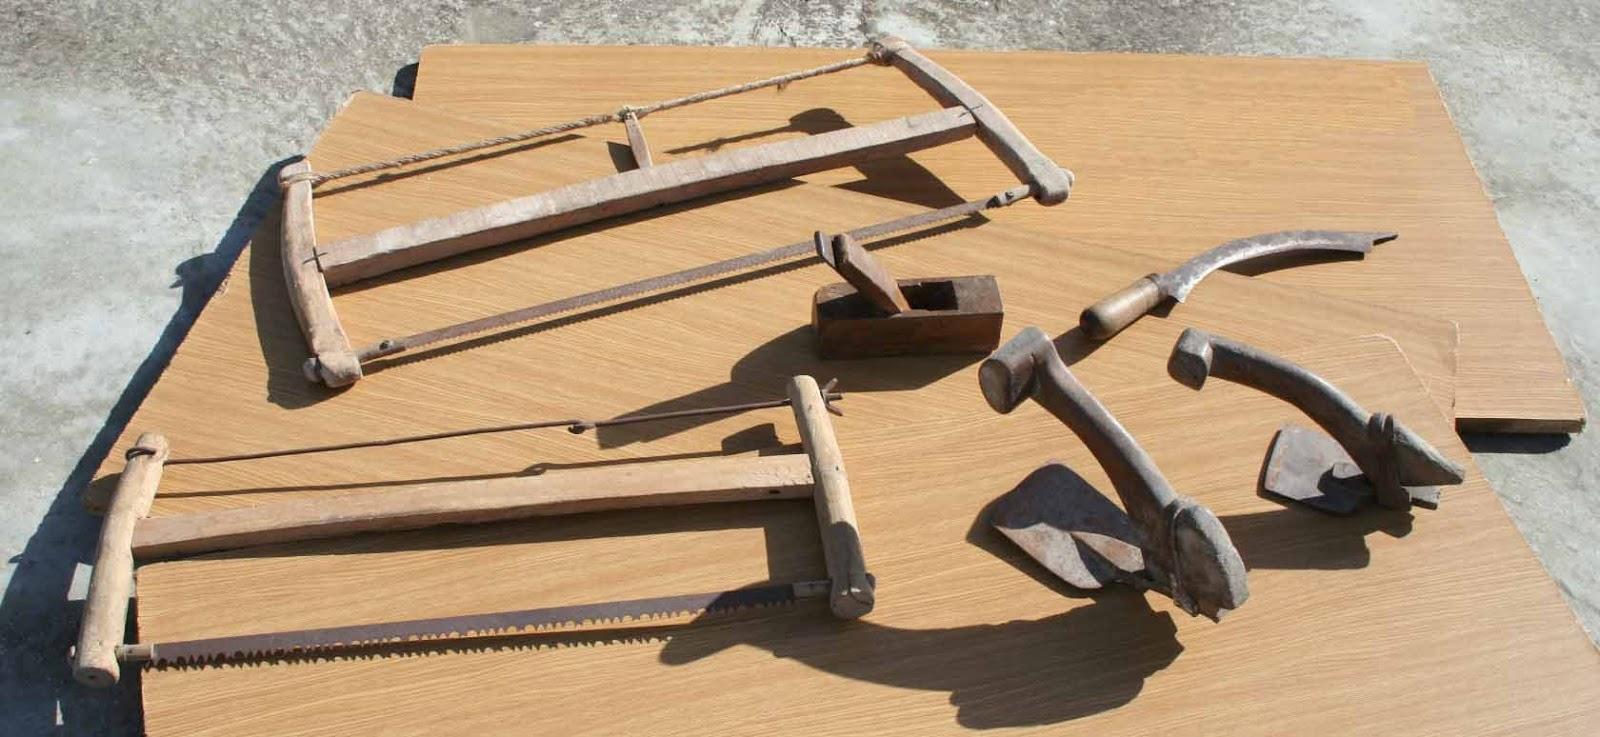 El museo del diletante herramientas antiguas de carpinter a - Herramientas de campo antiguas ...